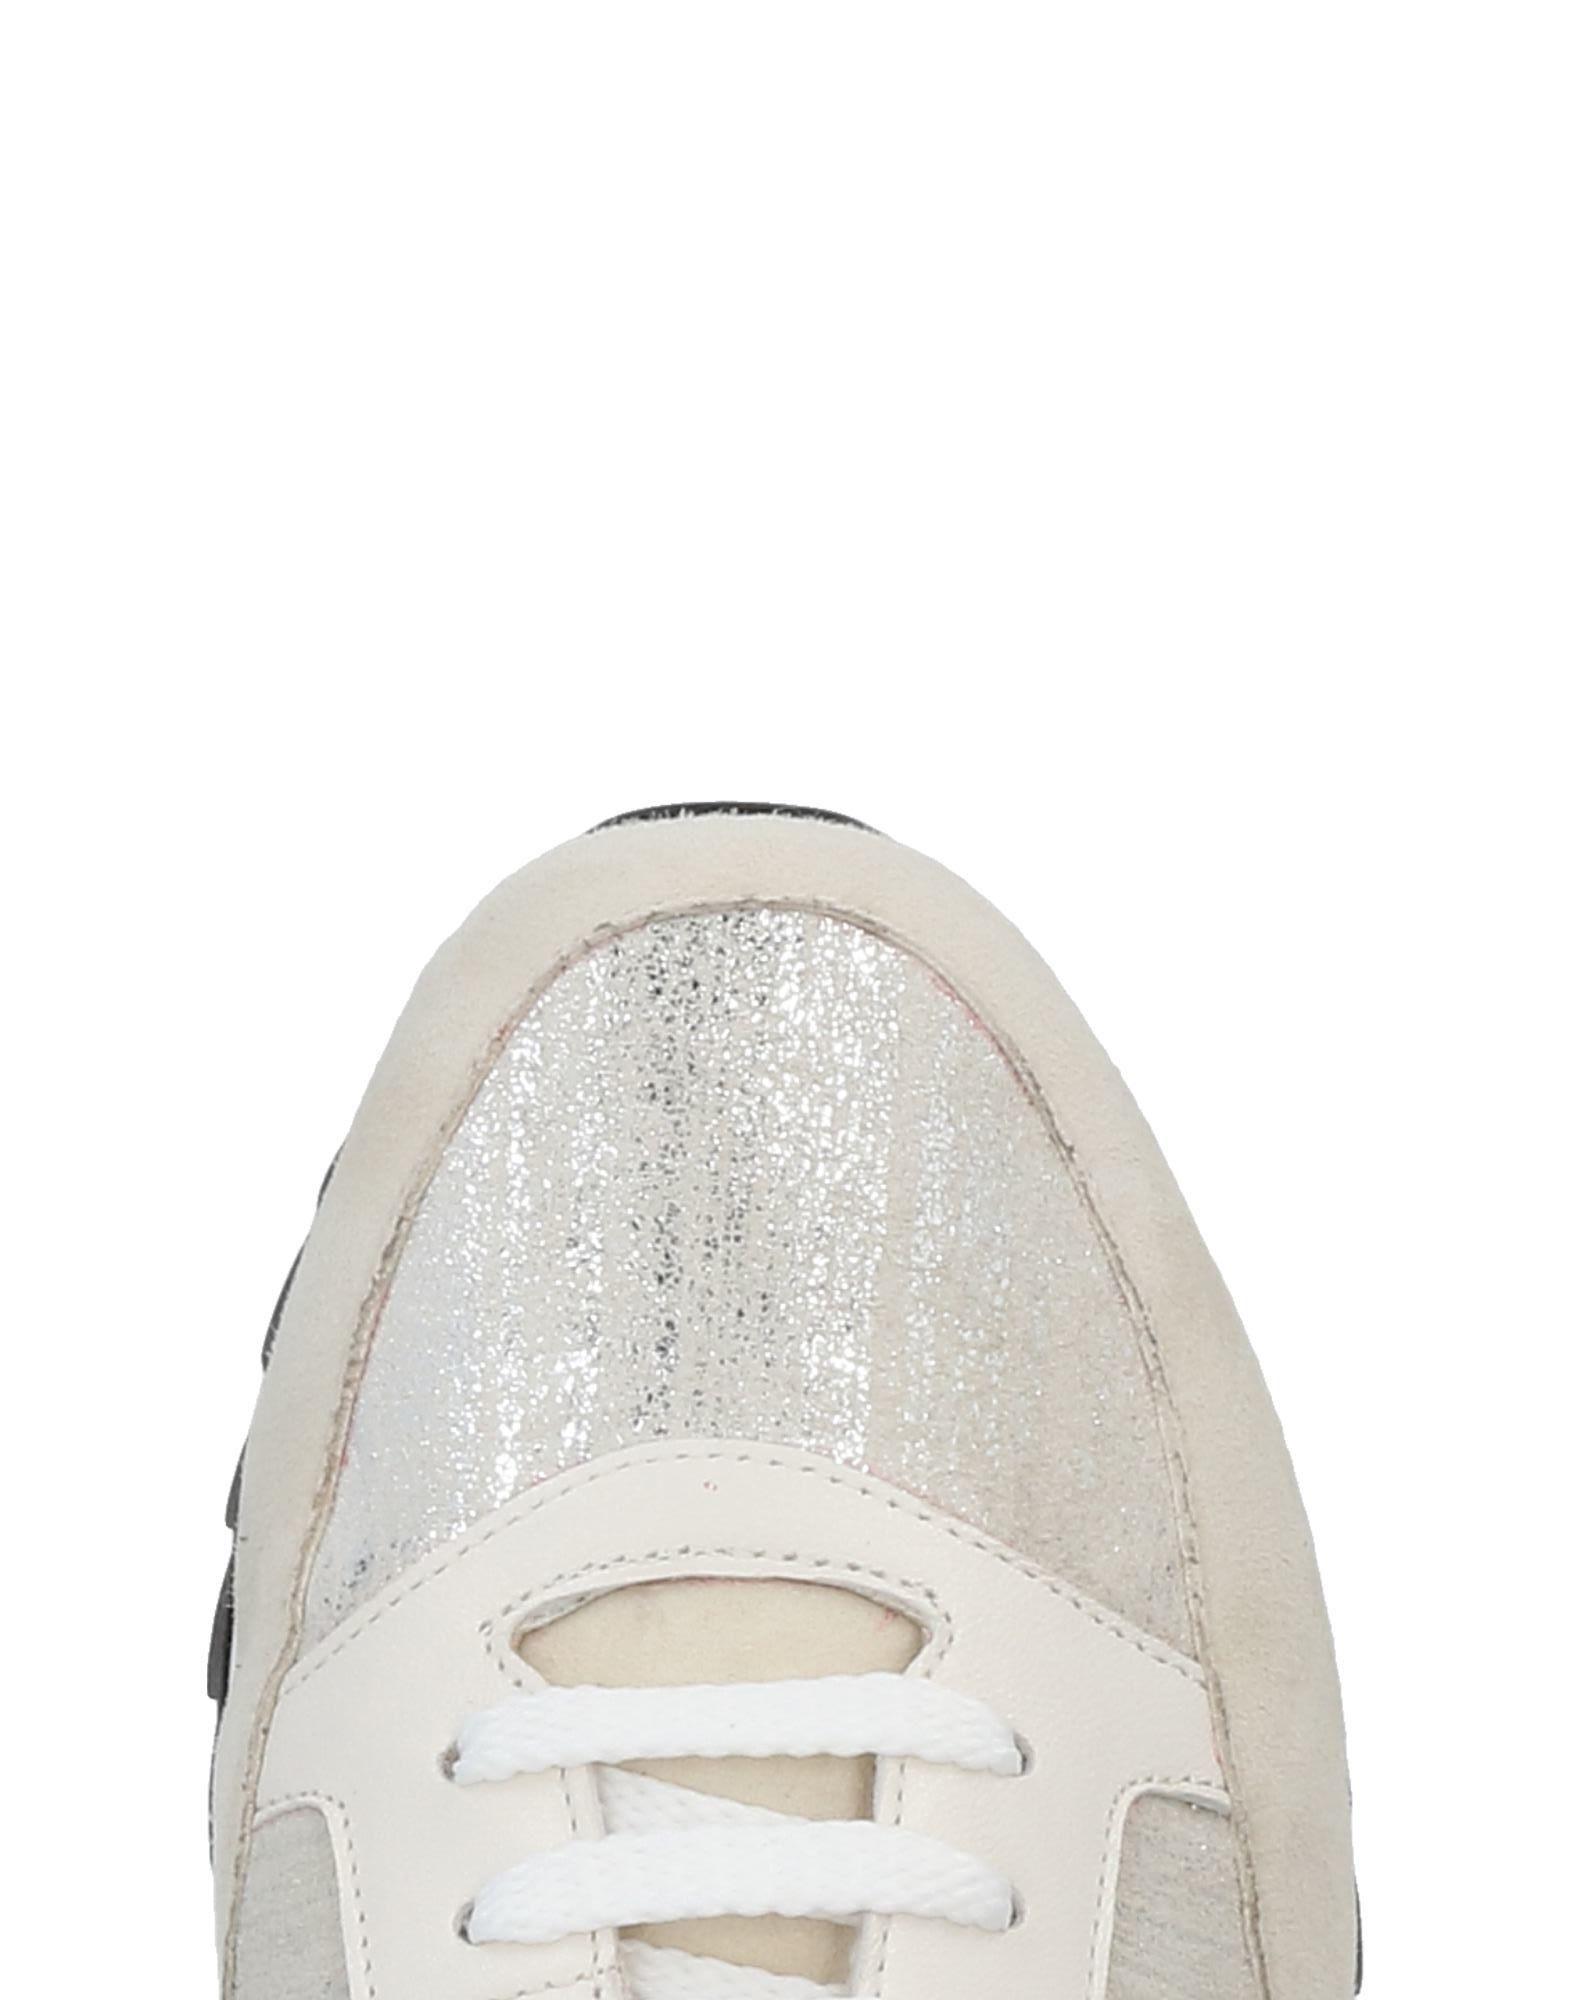 Andrea Andrea Andrea Catini Sneakers Damen  11445004BO Gute Qualität beliebte Schuhe 3ef634